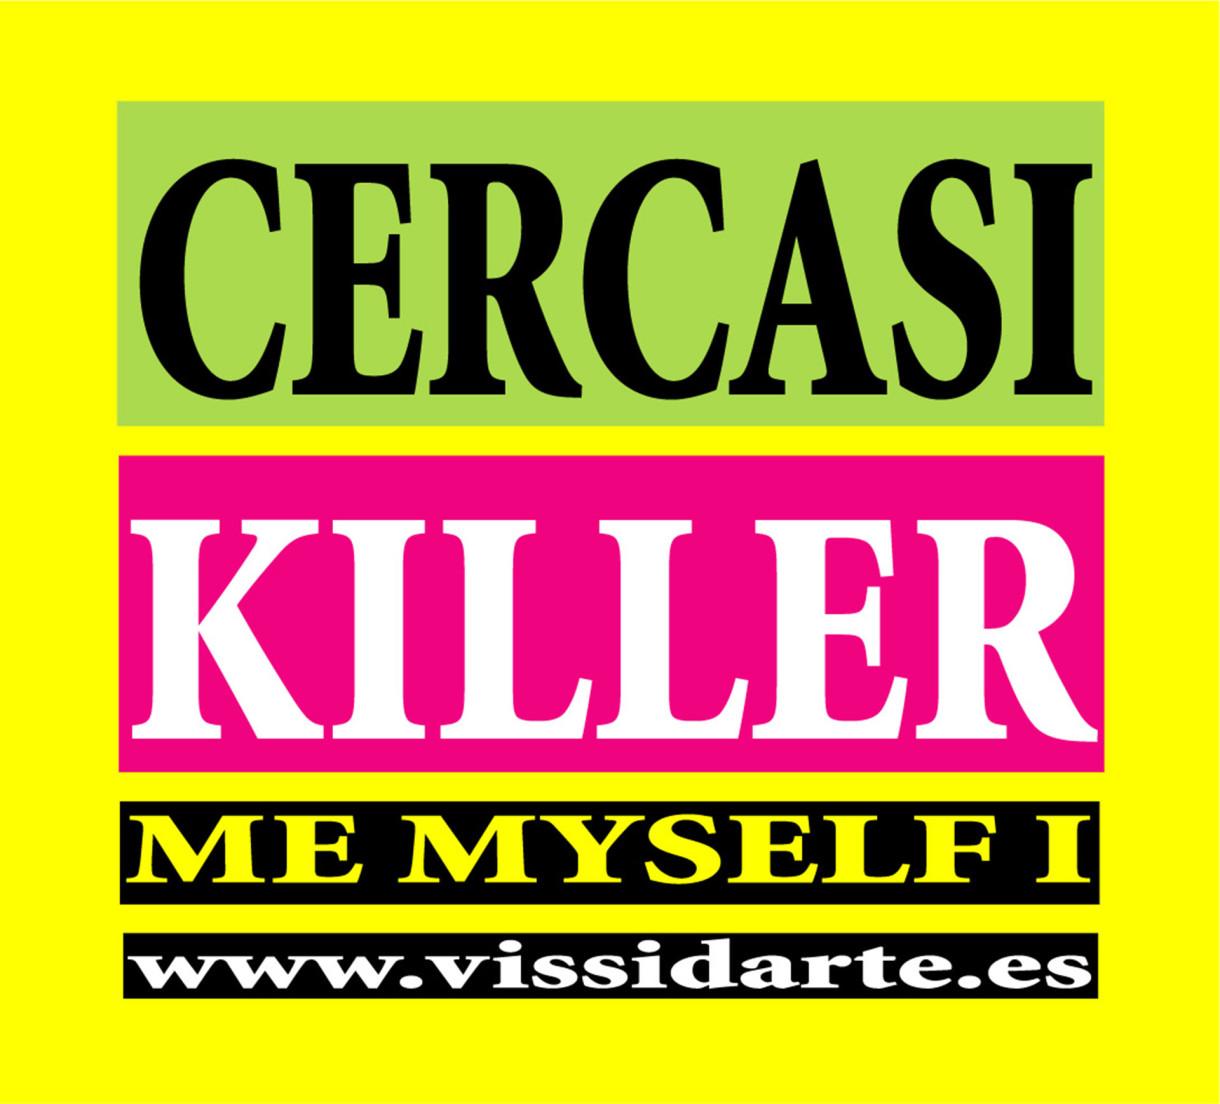 cercasi-killer-2_bg